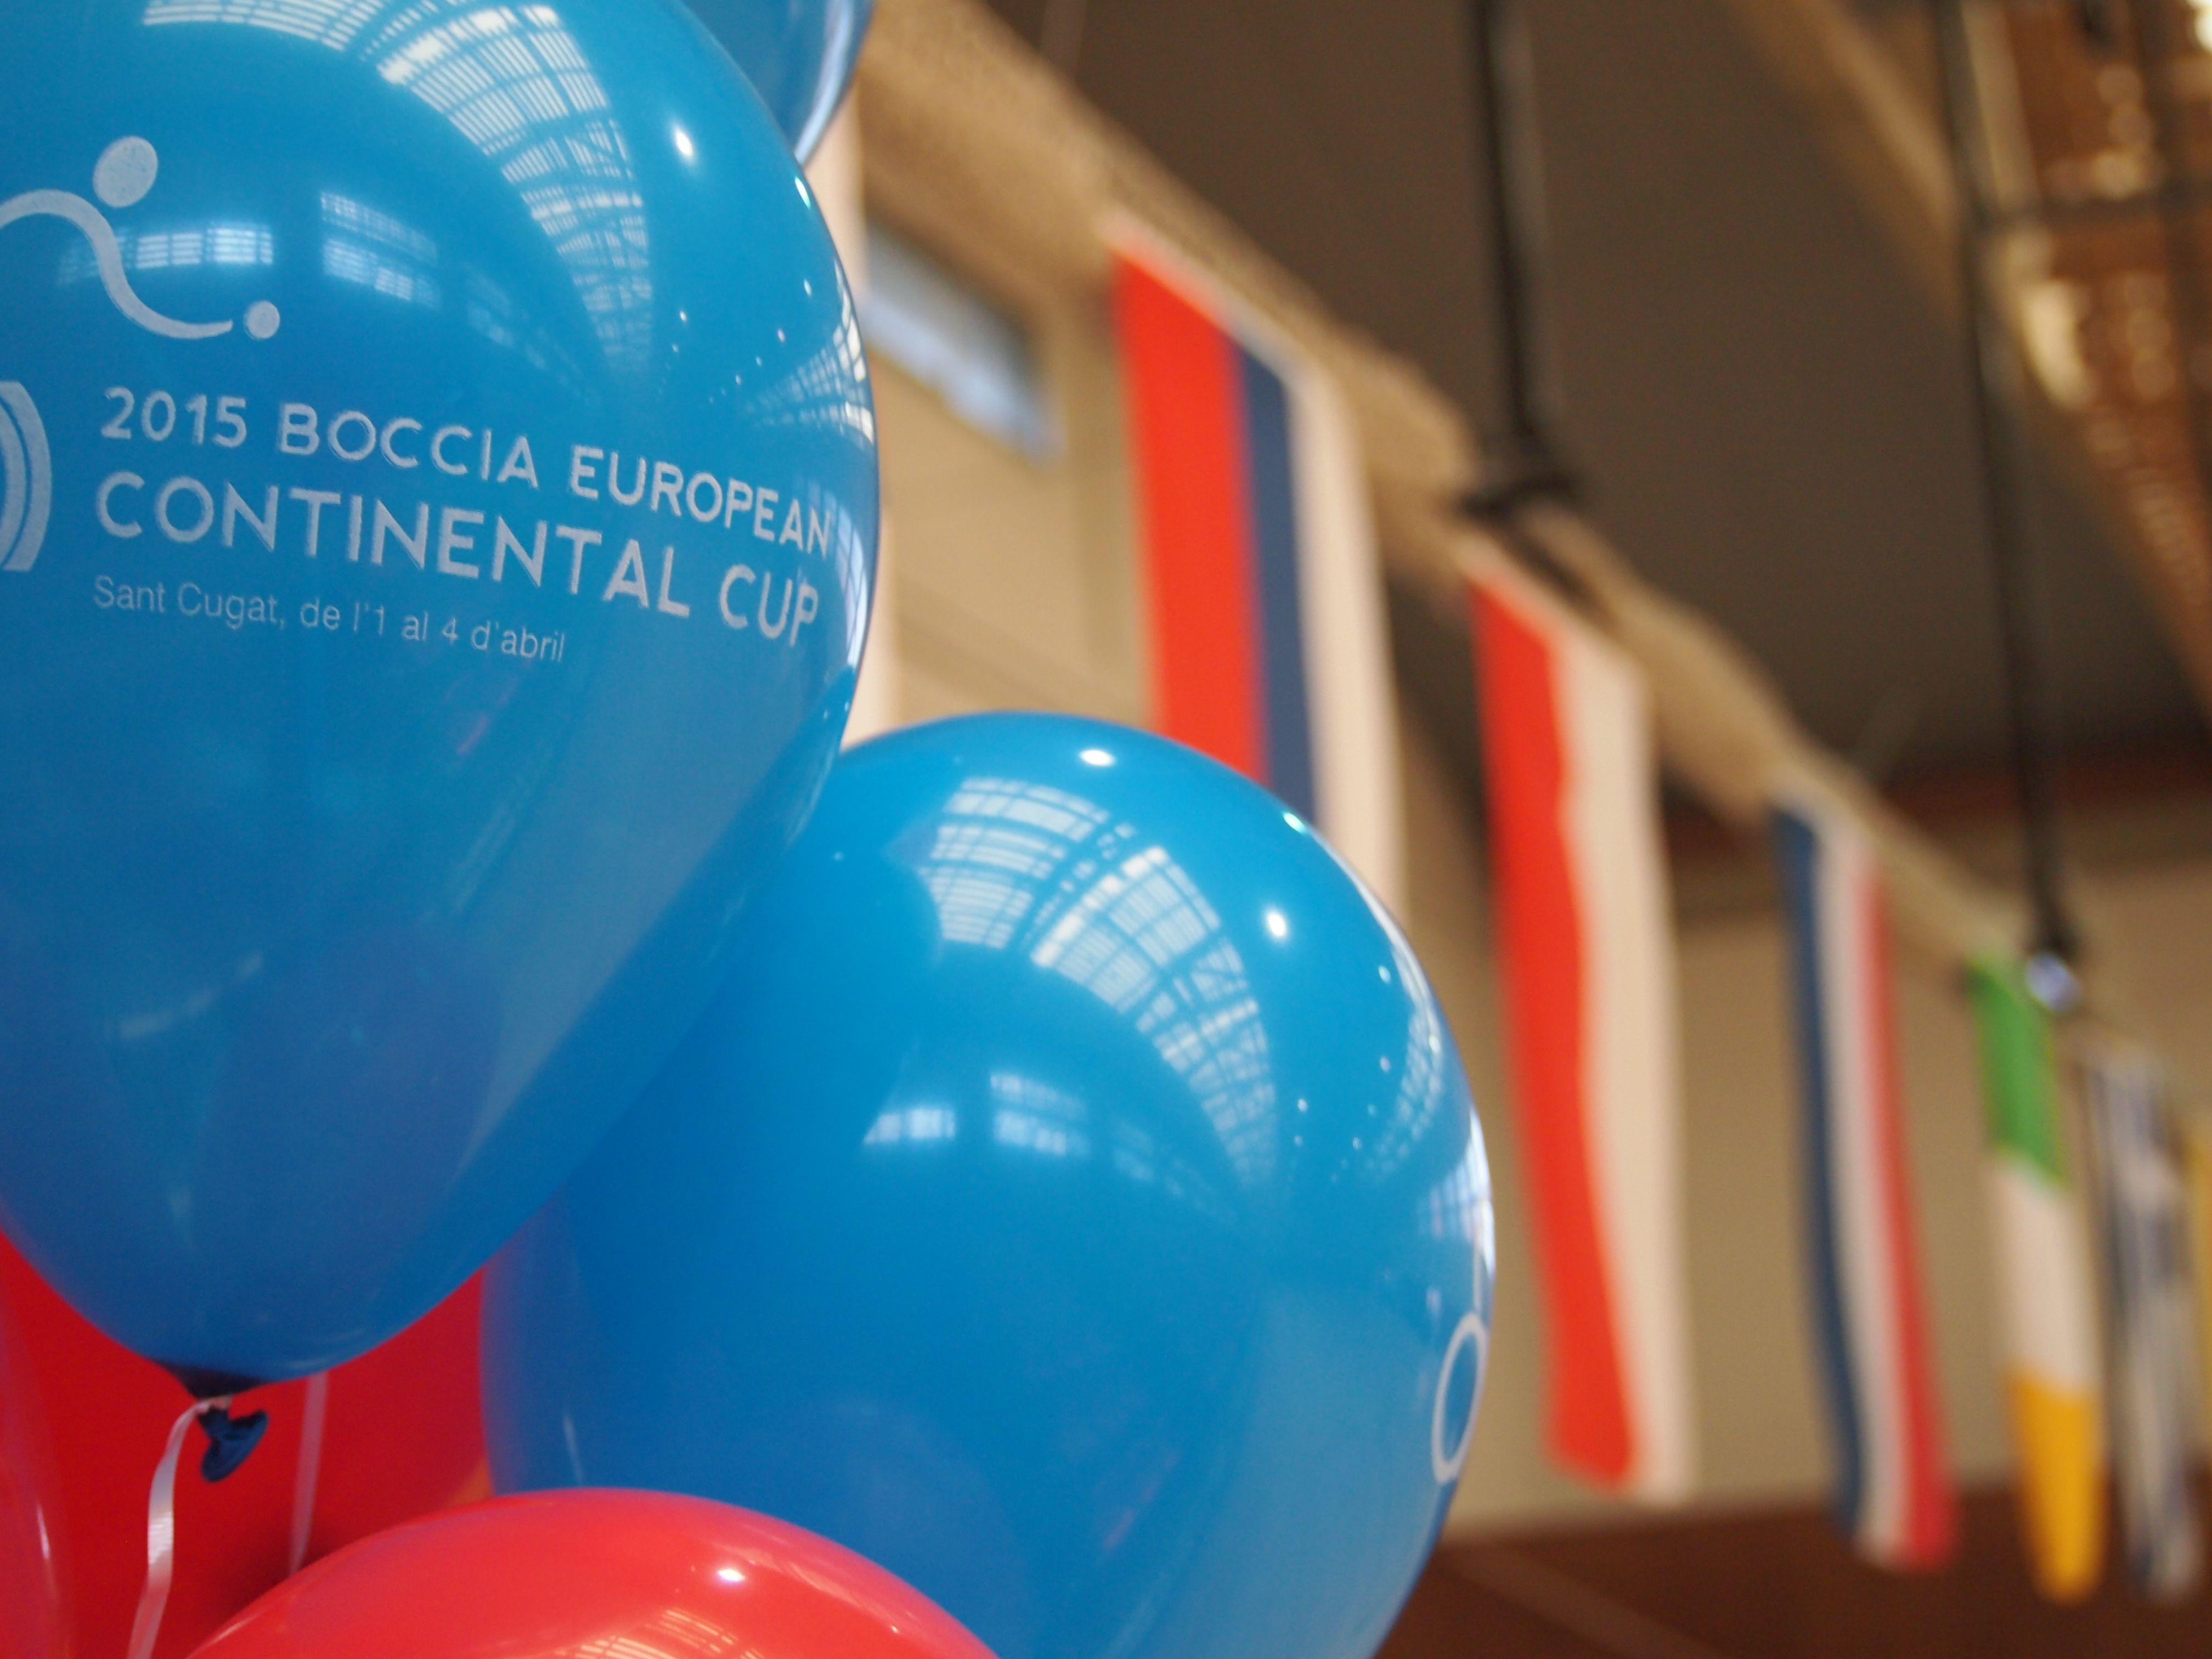 Cerimònia Inaugural de Boccia 2015